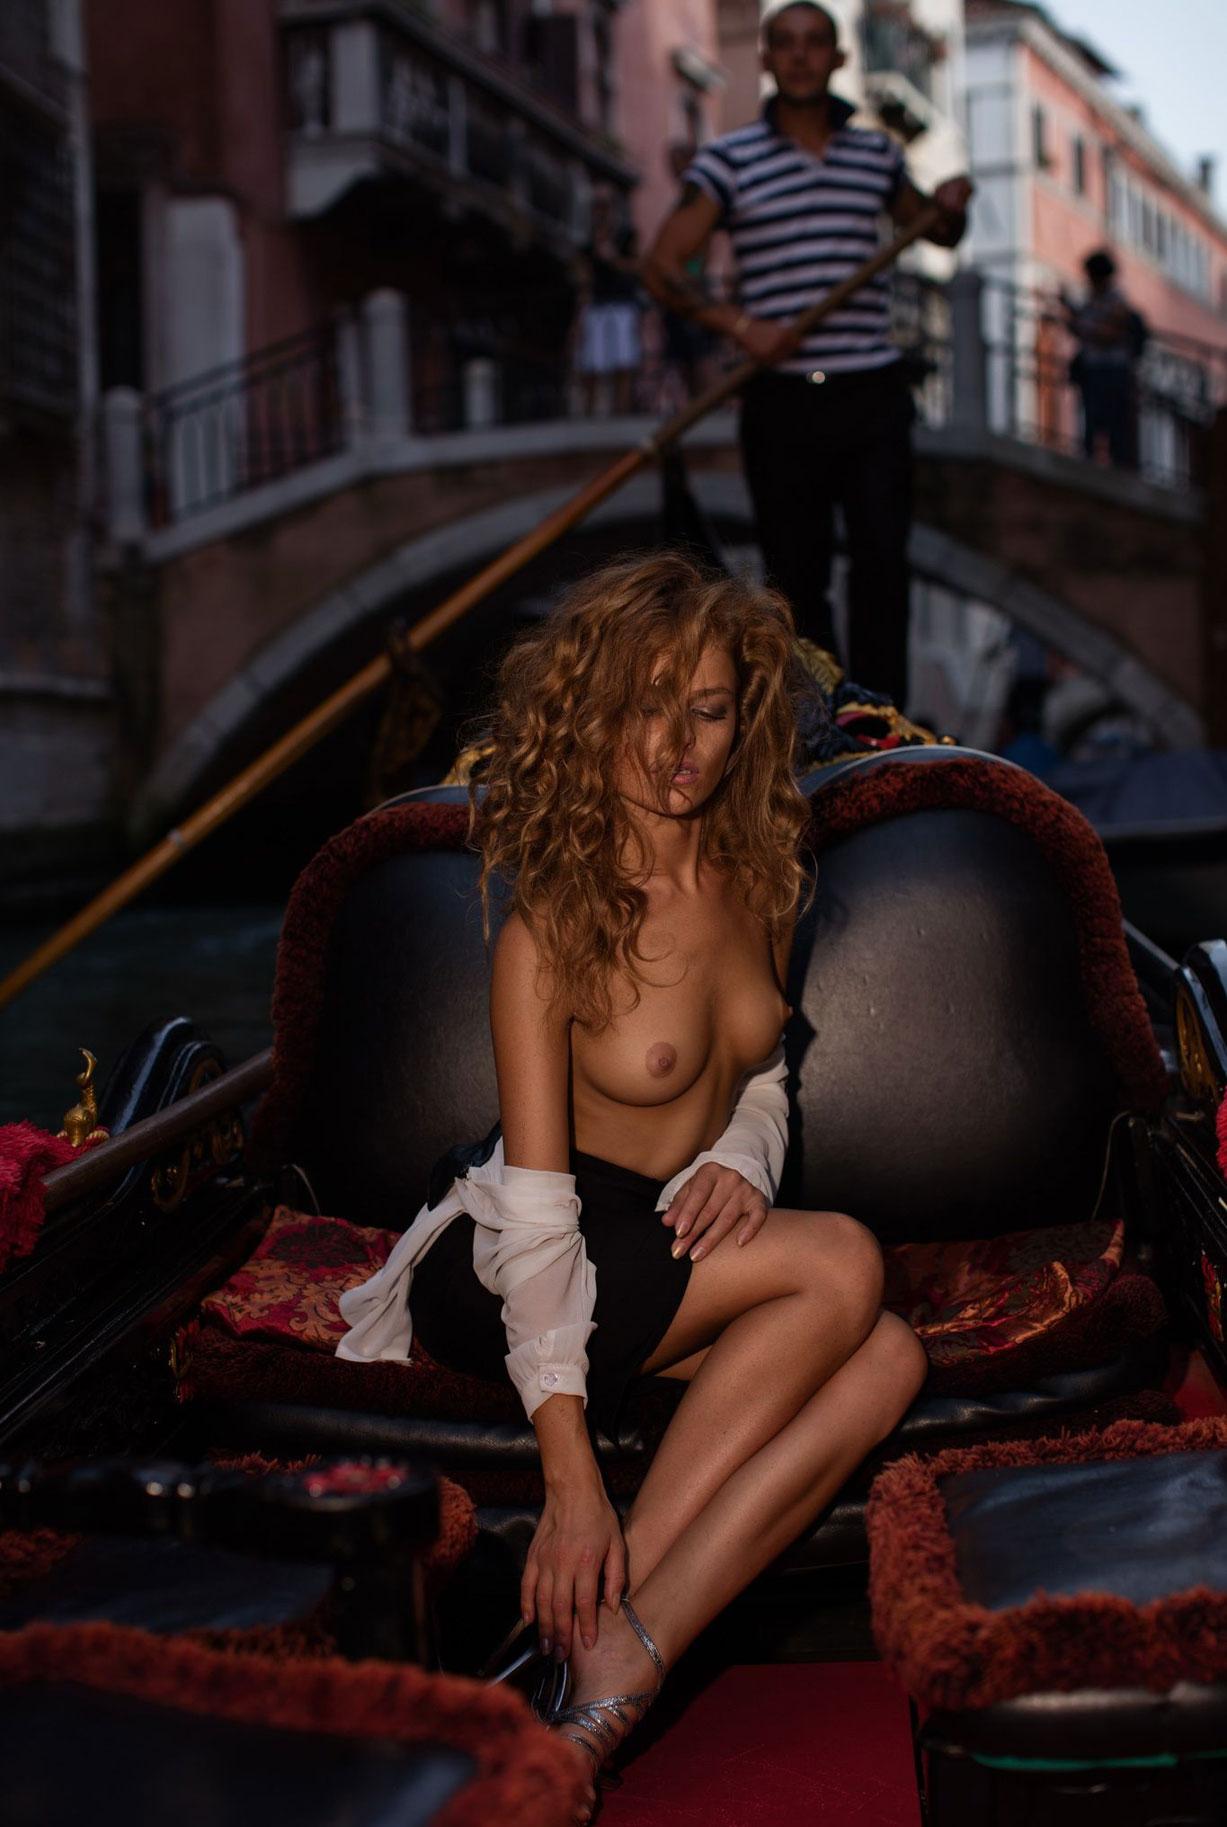 подборка фотографий сексуальных голых девушек - Юлия Ярошенко / Julia Yaroshenko